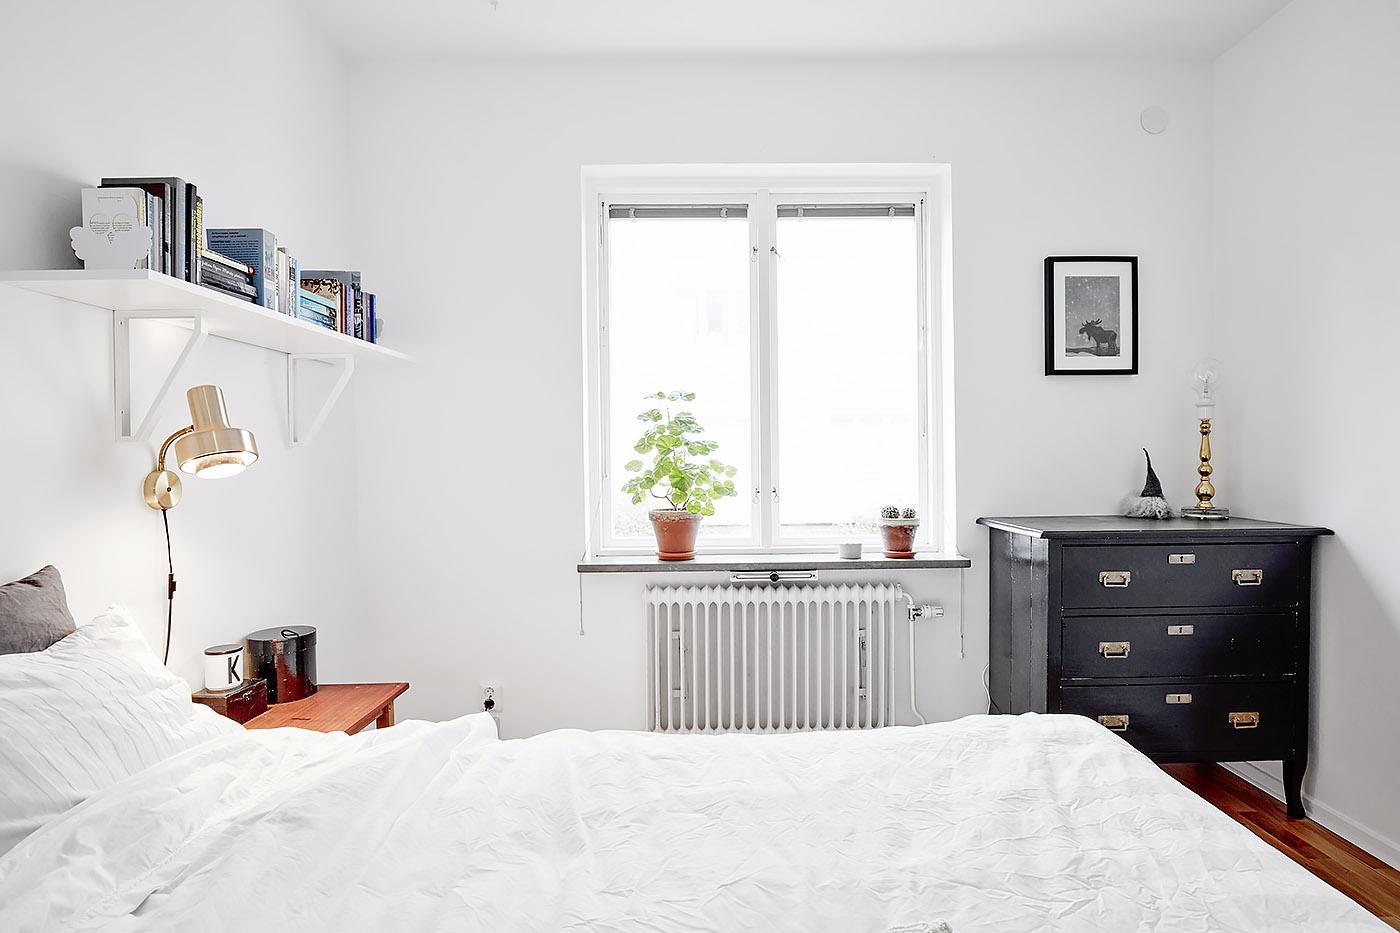 Habitaciones juveniles de estilo n rdico blog decoraci n for Habitaciones para estudiantes